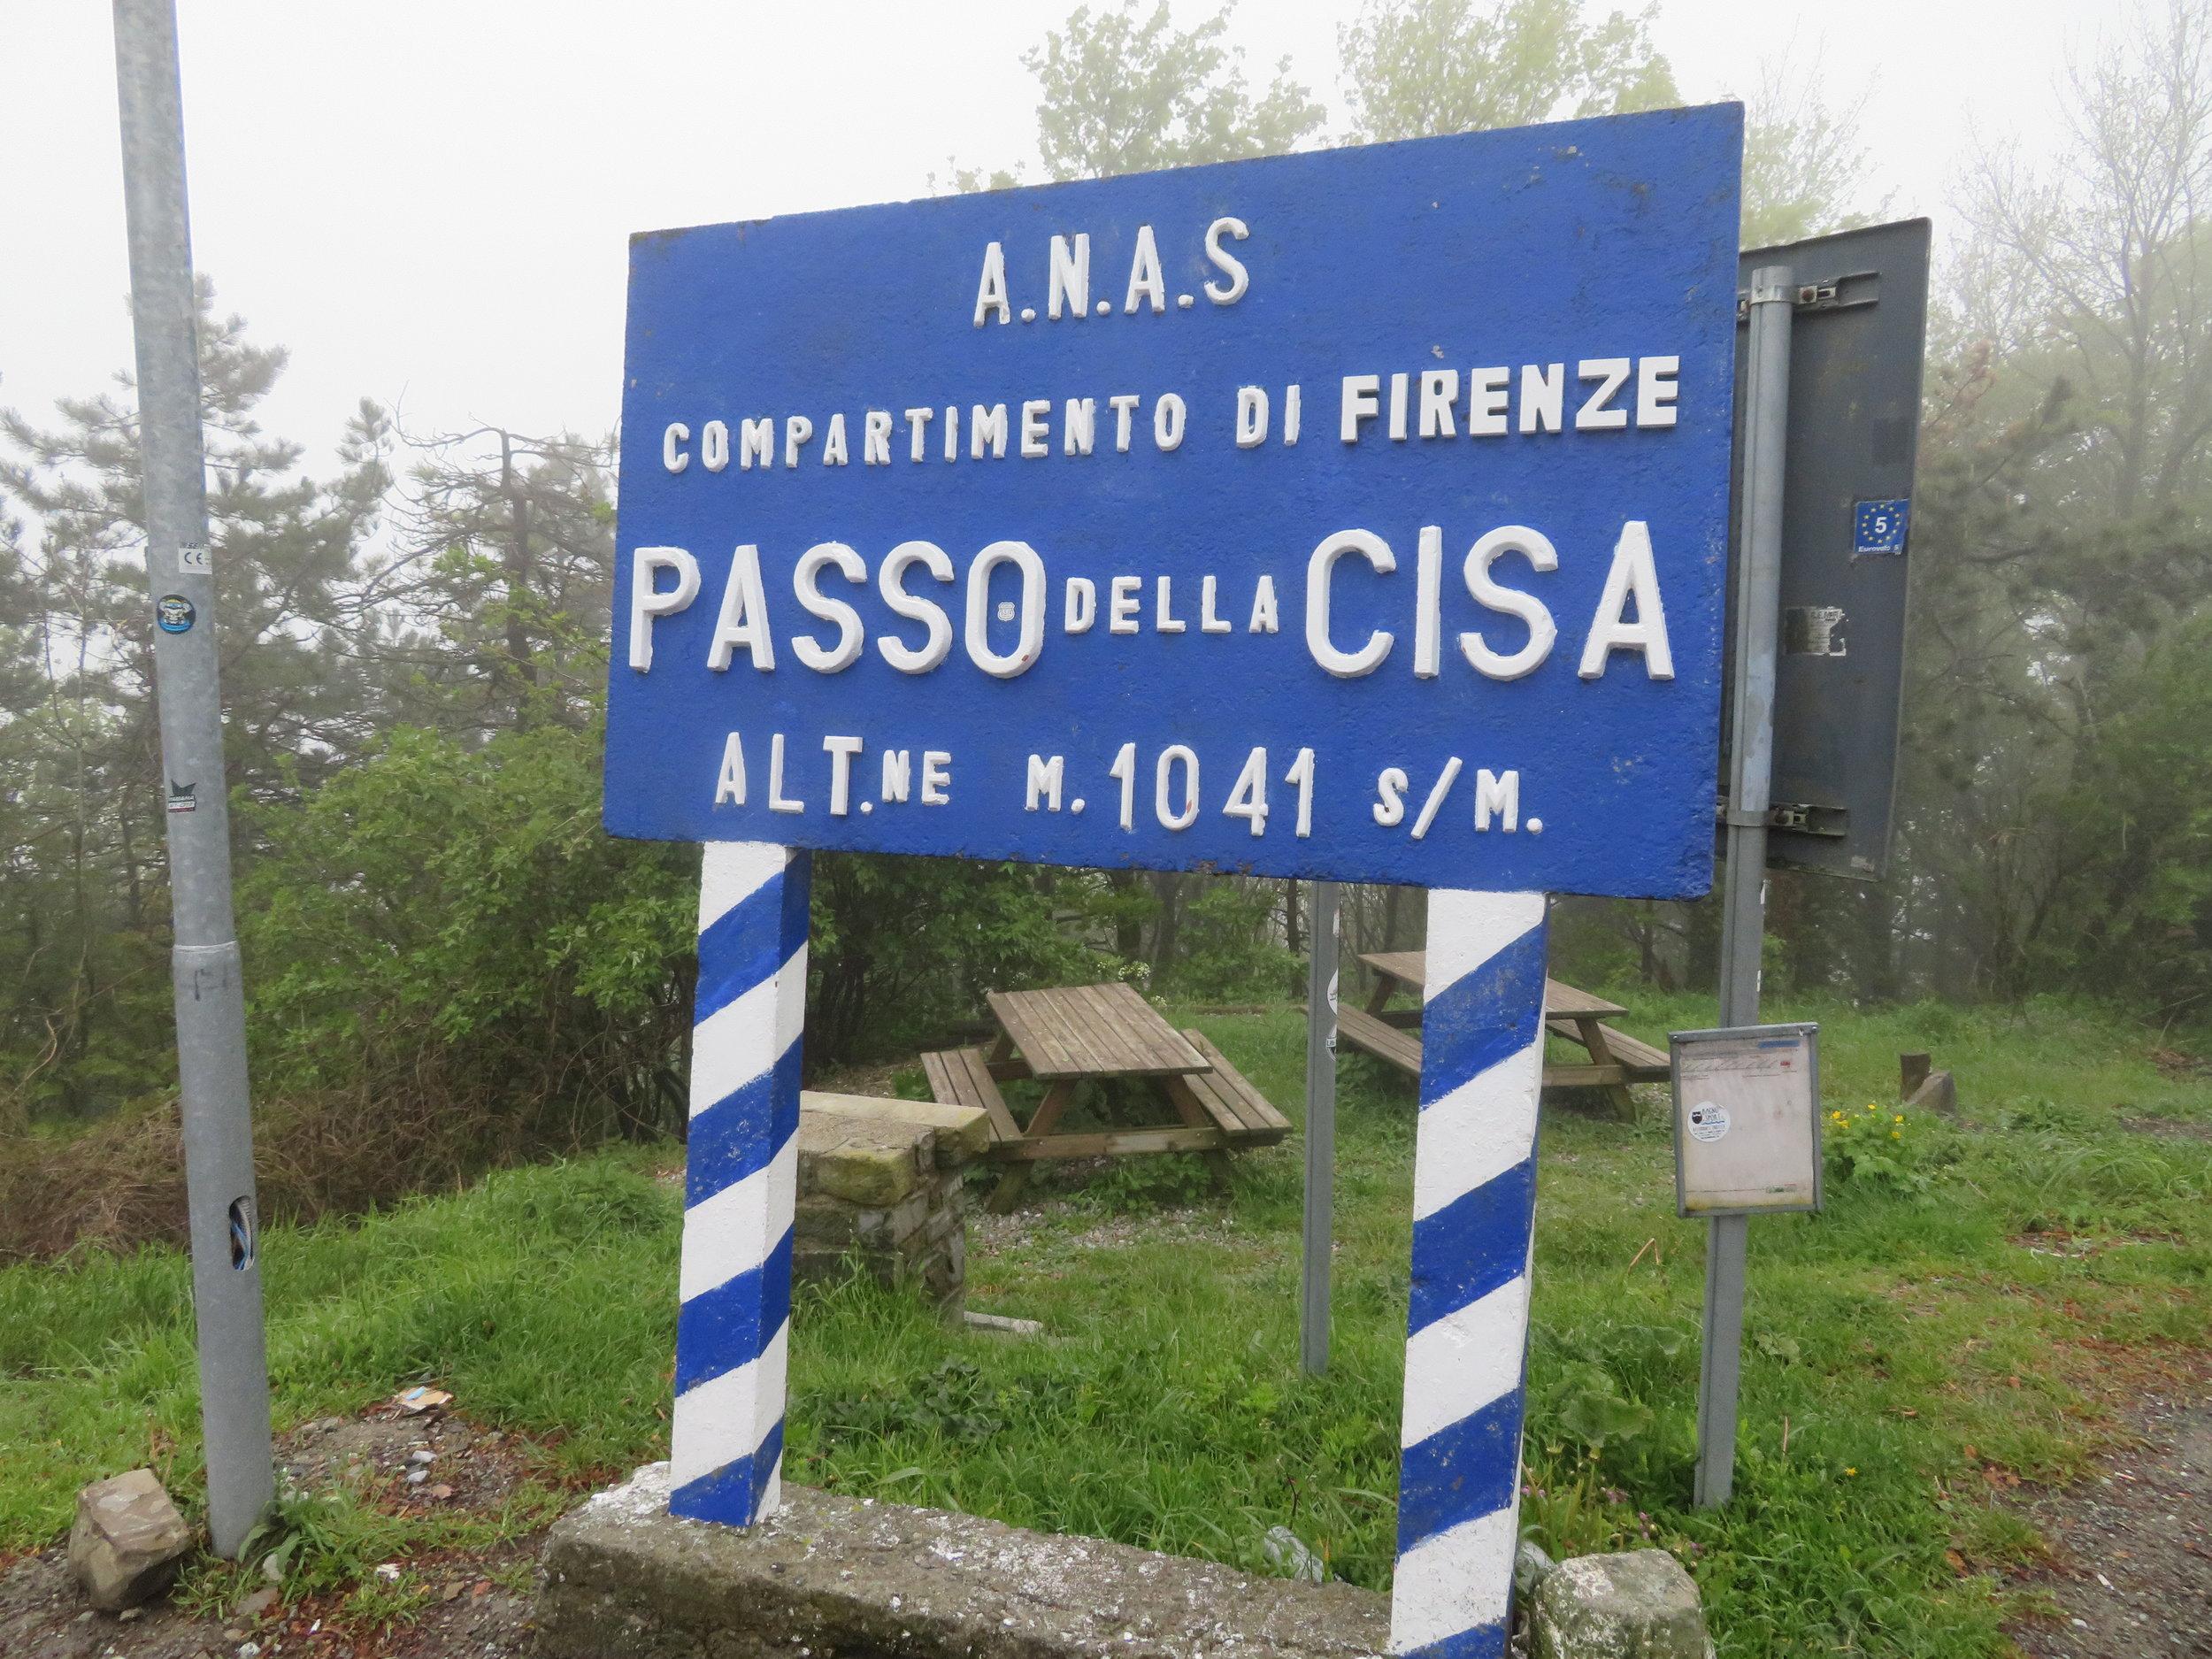 Passo della Cisa at last!